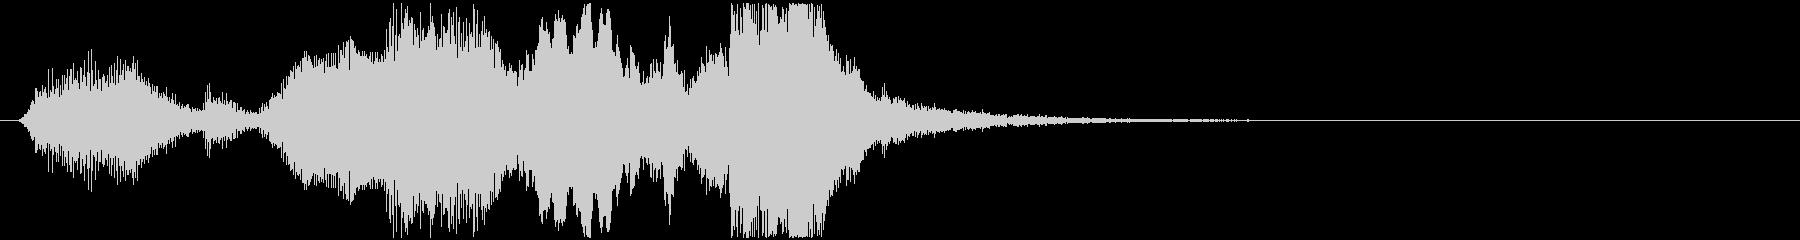 22 中程度の長さの金管ファンファーレの未再生の波形